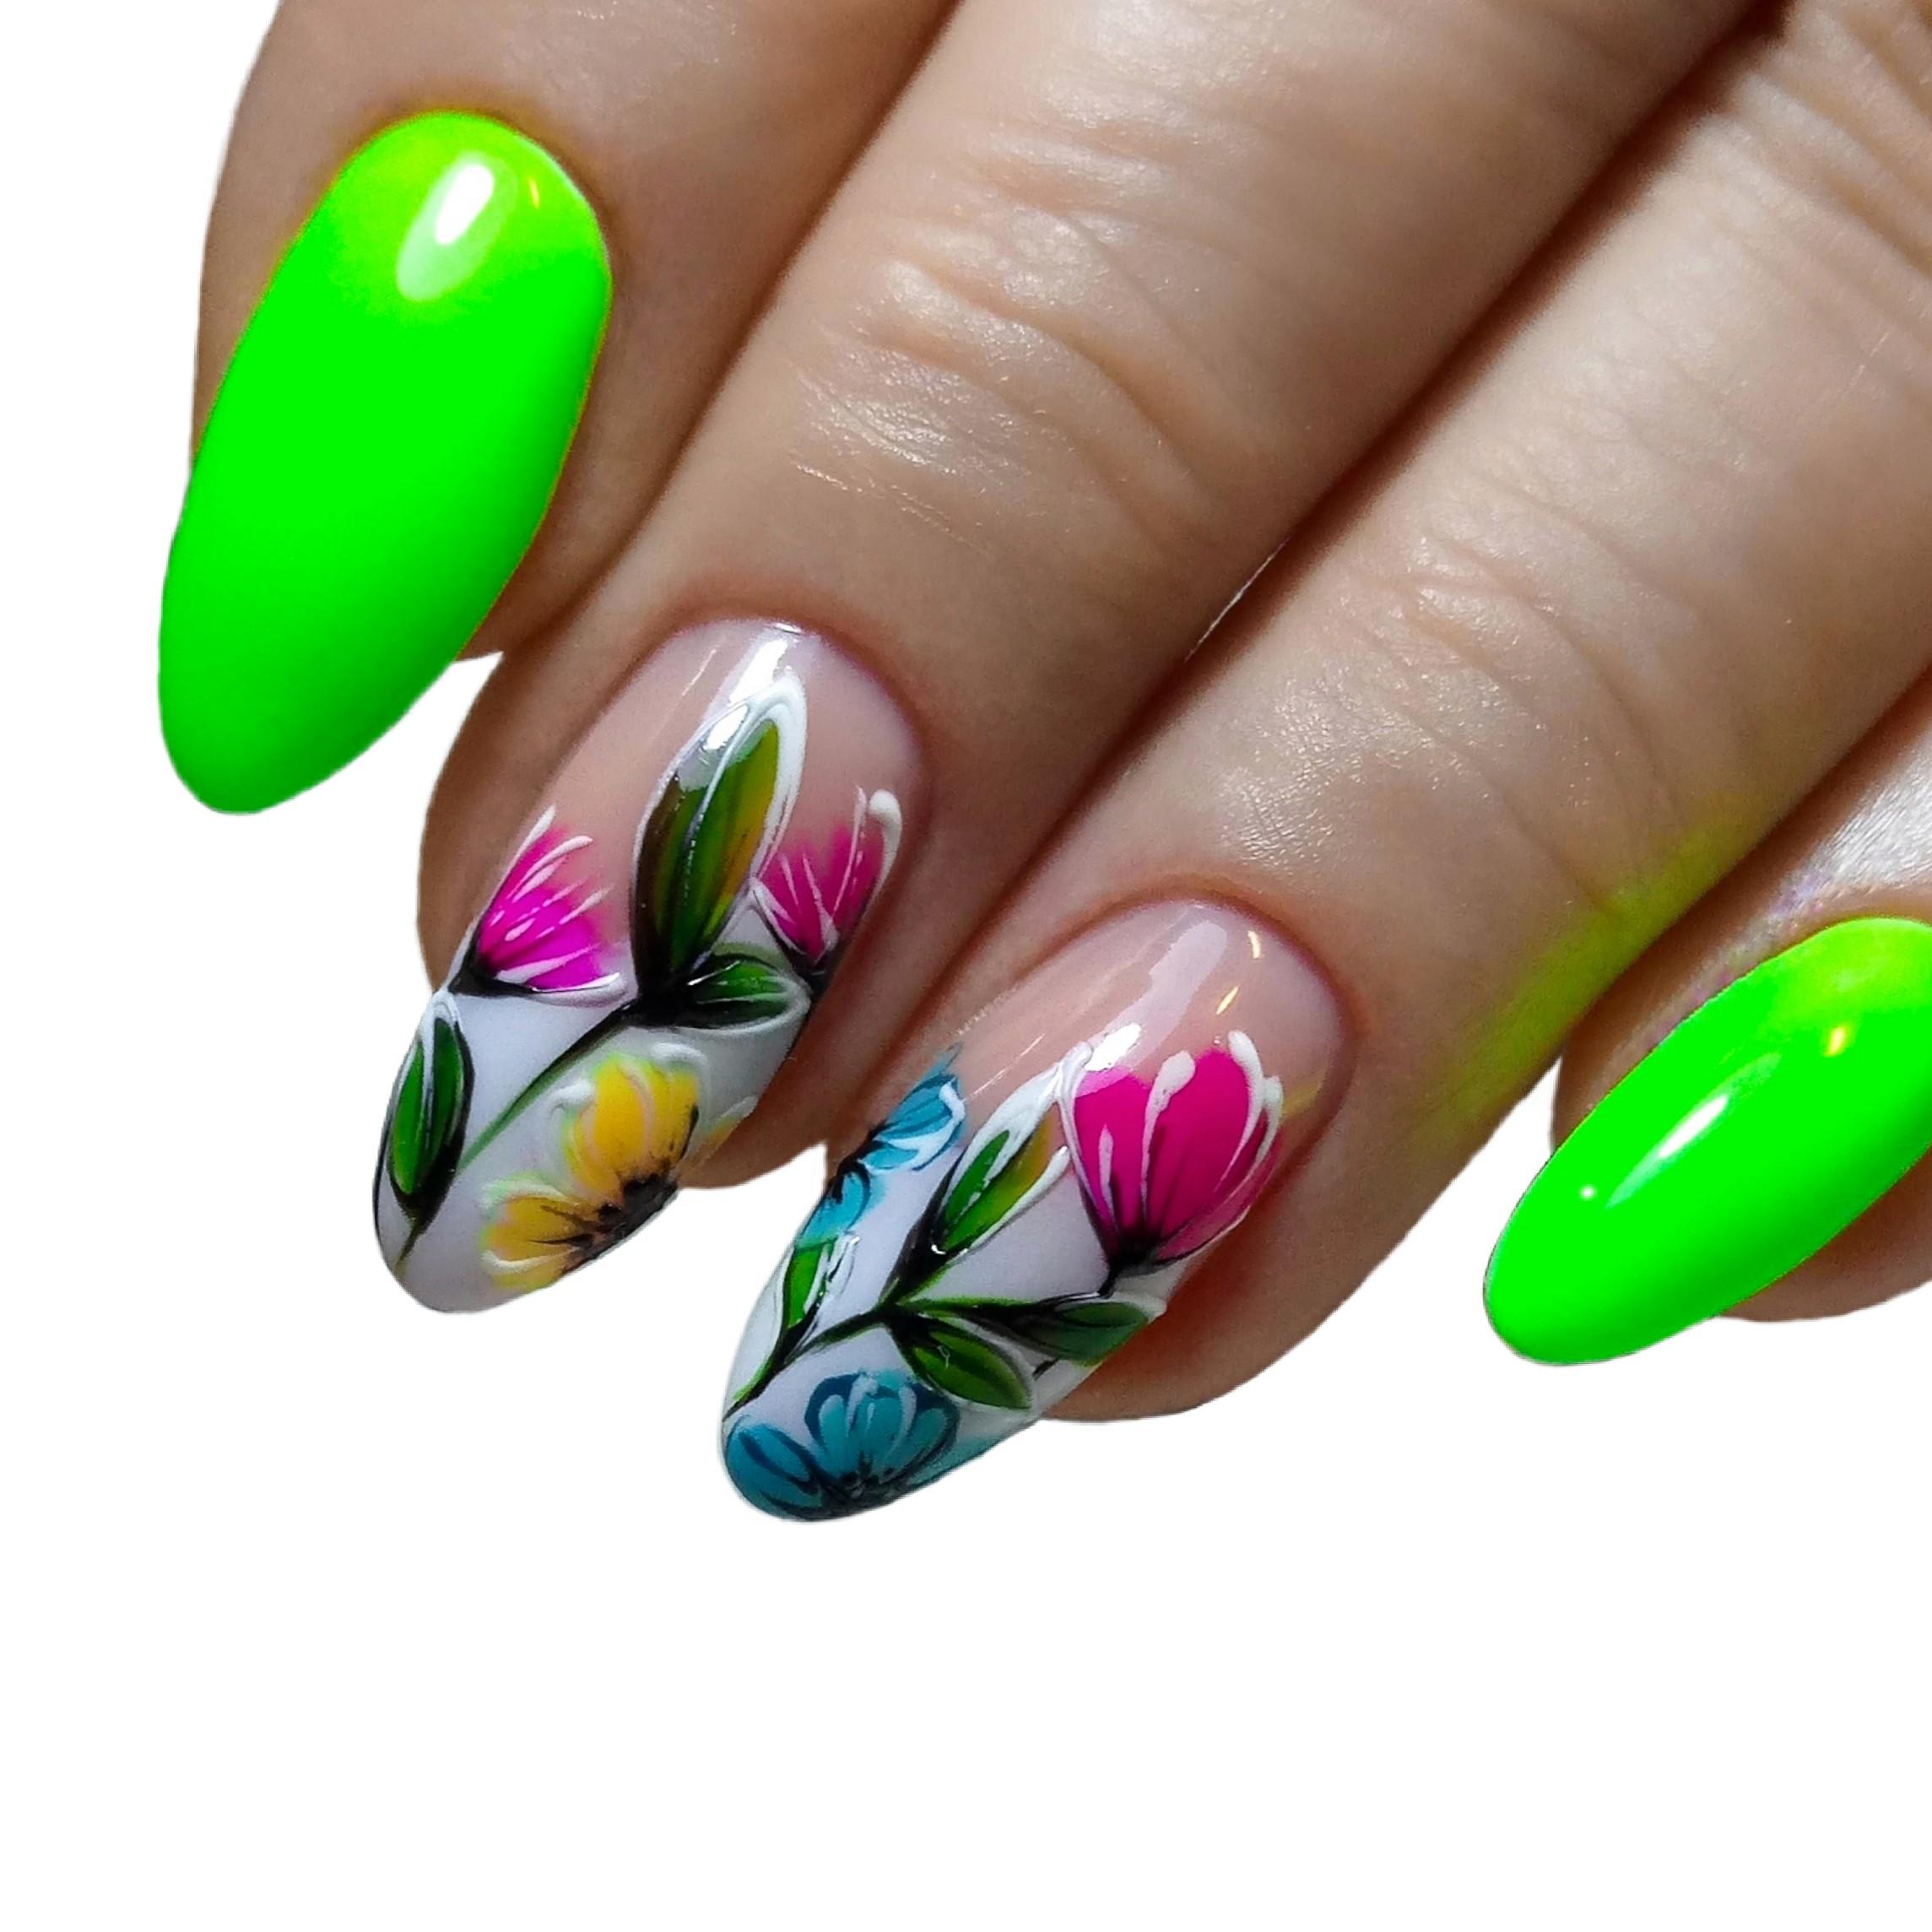 Маникюр с цветочным рисунком в кислотном цвете на длинные ногти.